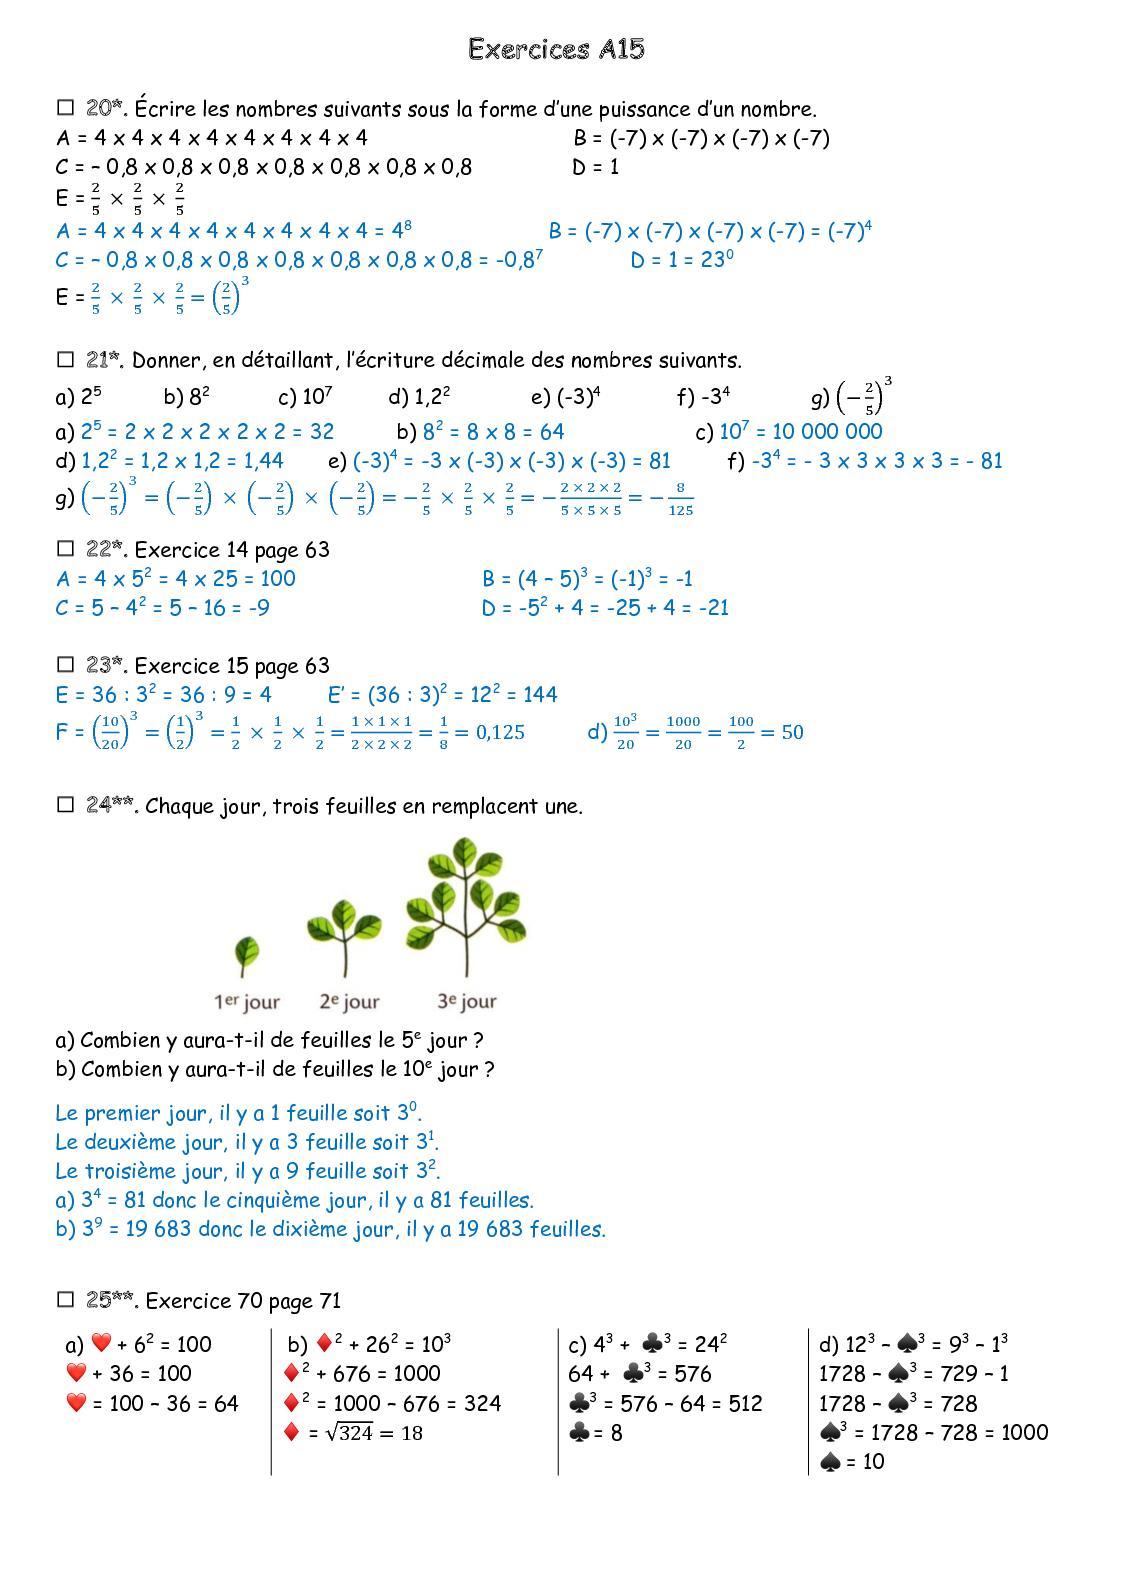 Calaméo - Exercices A15 Corrigé 5Eme à Les Nombres De 0 À 20